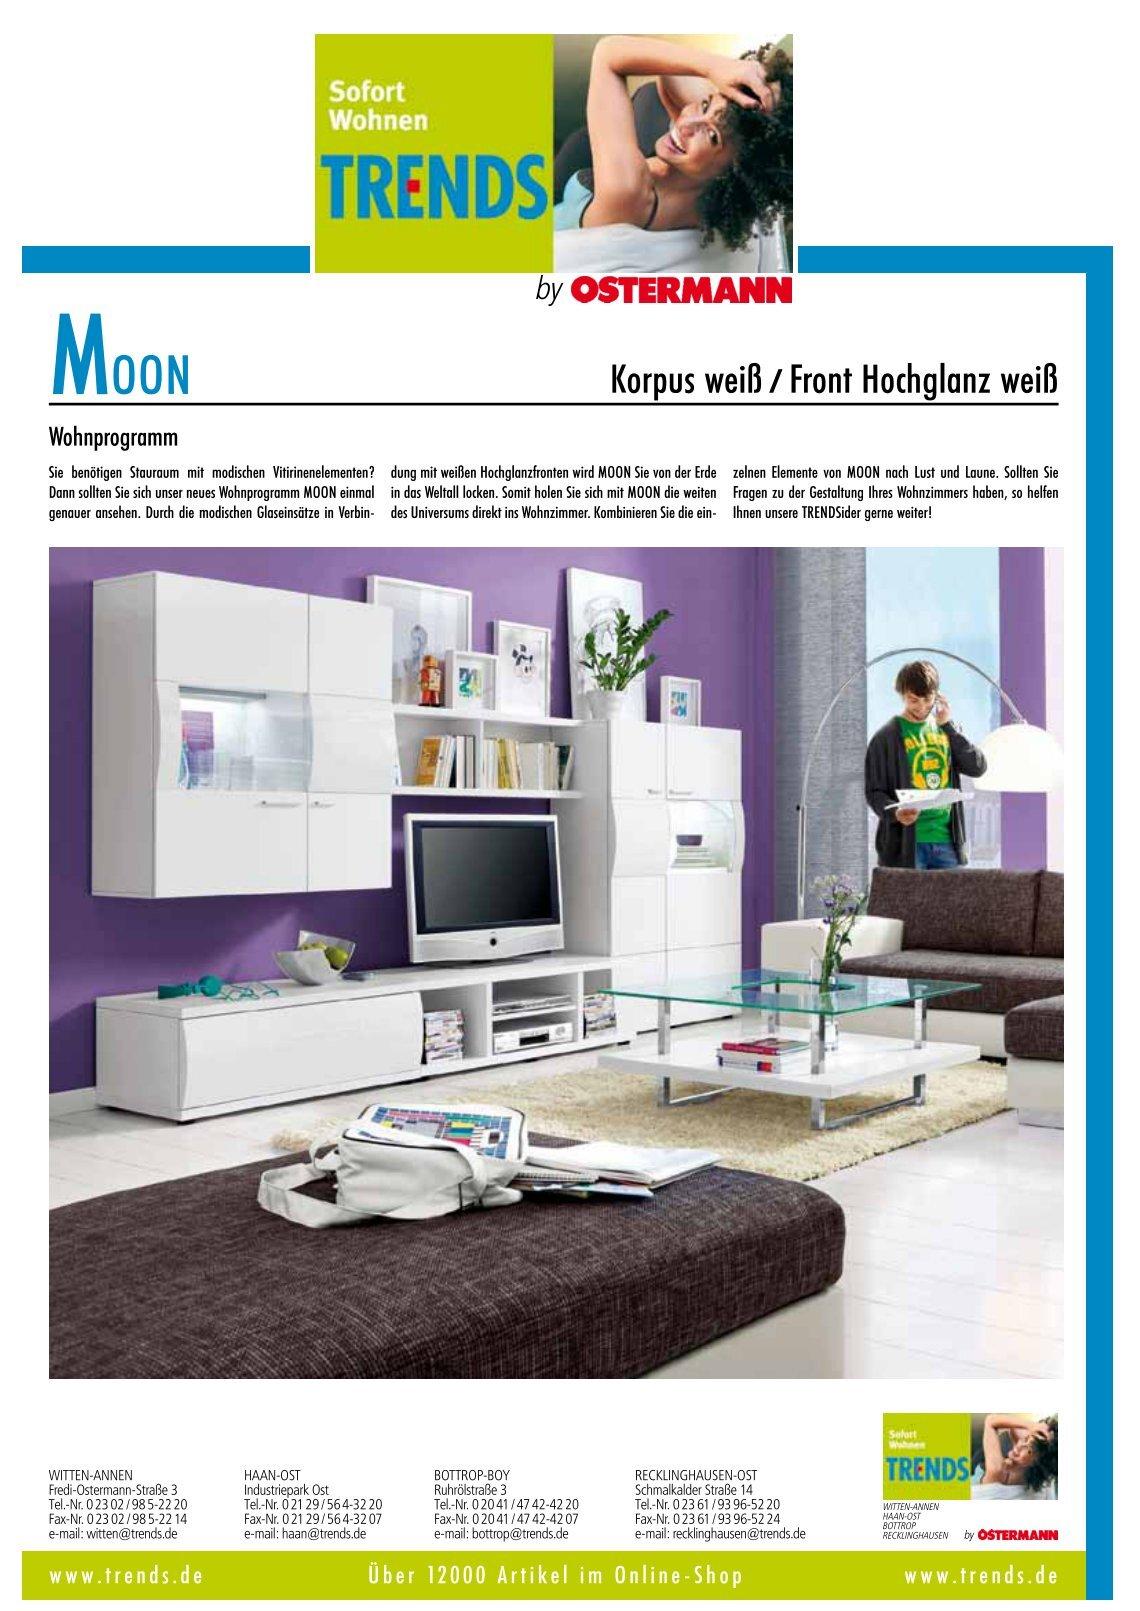 Ostermann Trends Wohnzimmer Schlafzimmer Set Trends